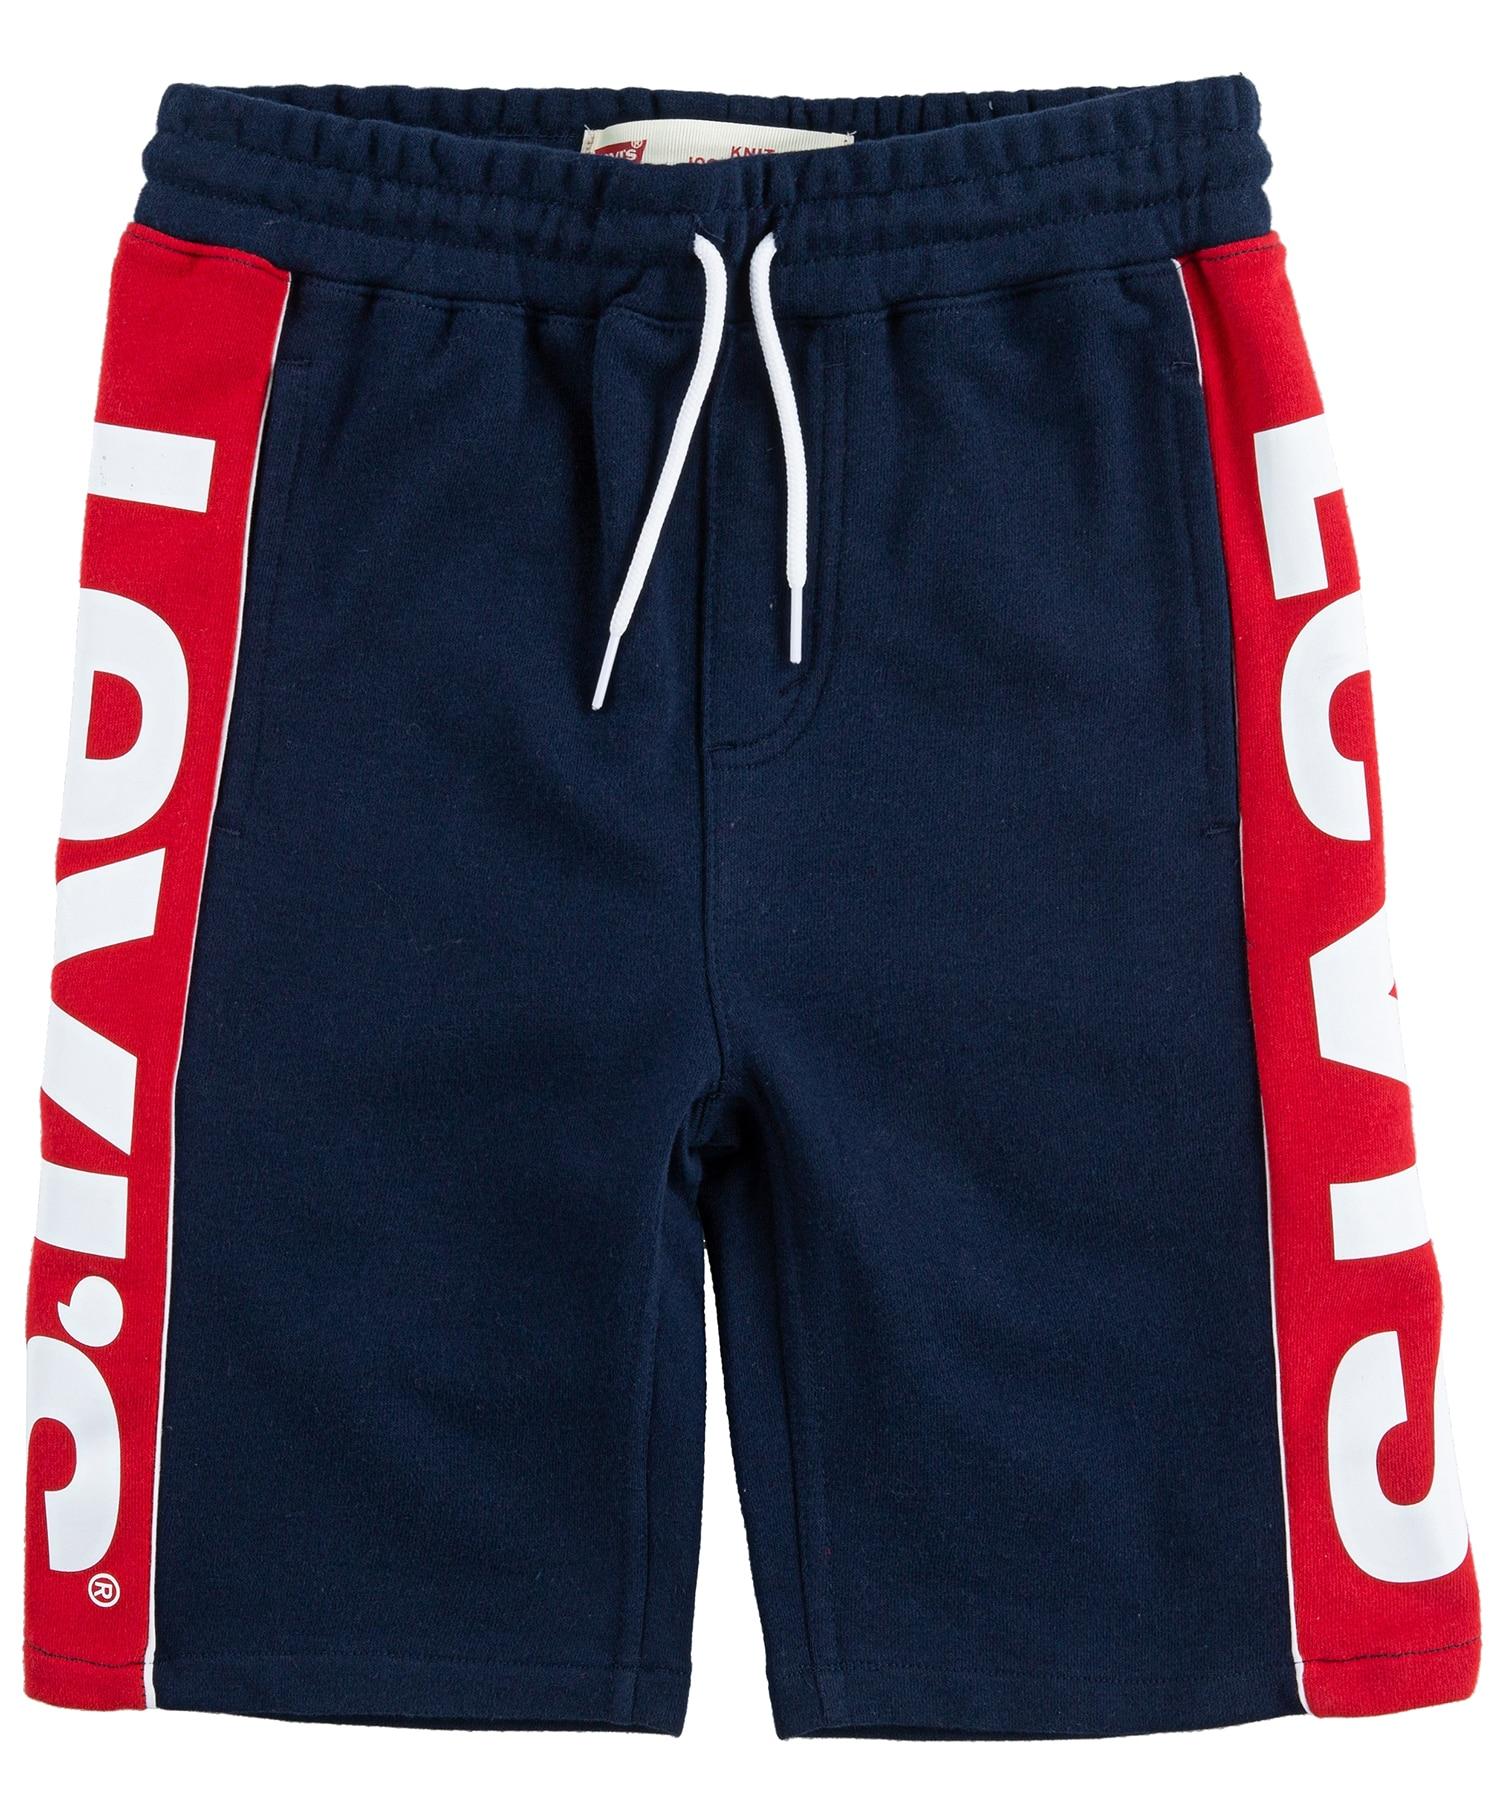 Levi's Jogger Shorts